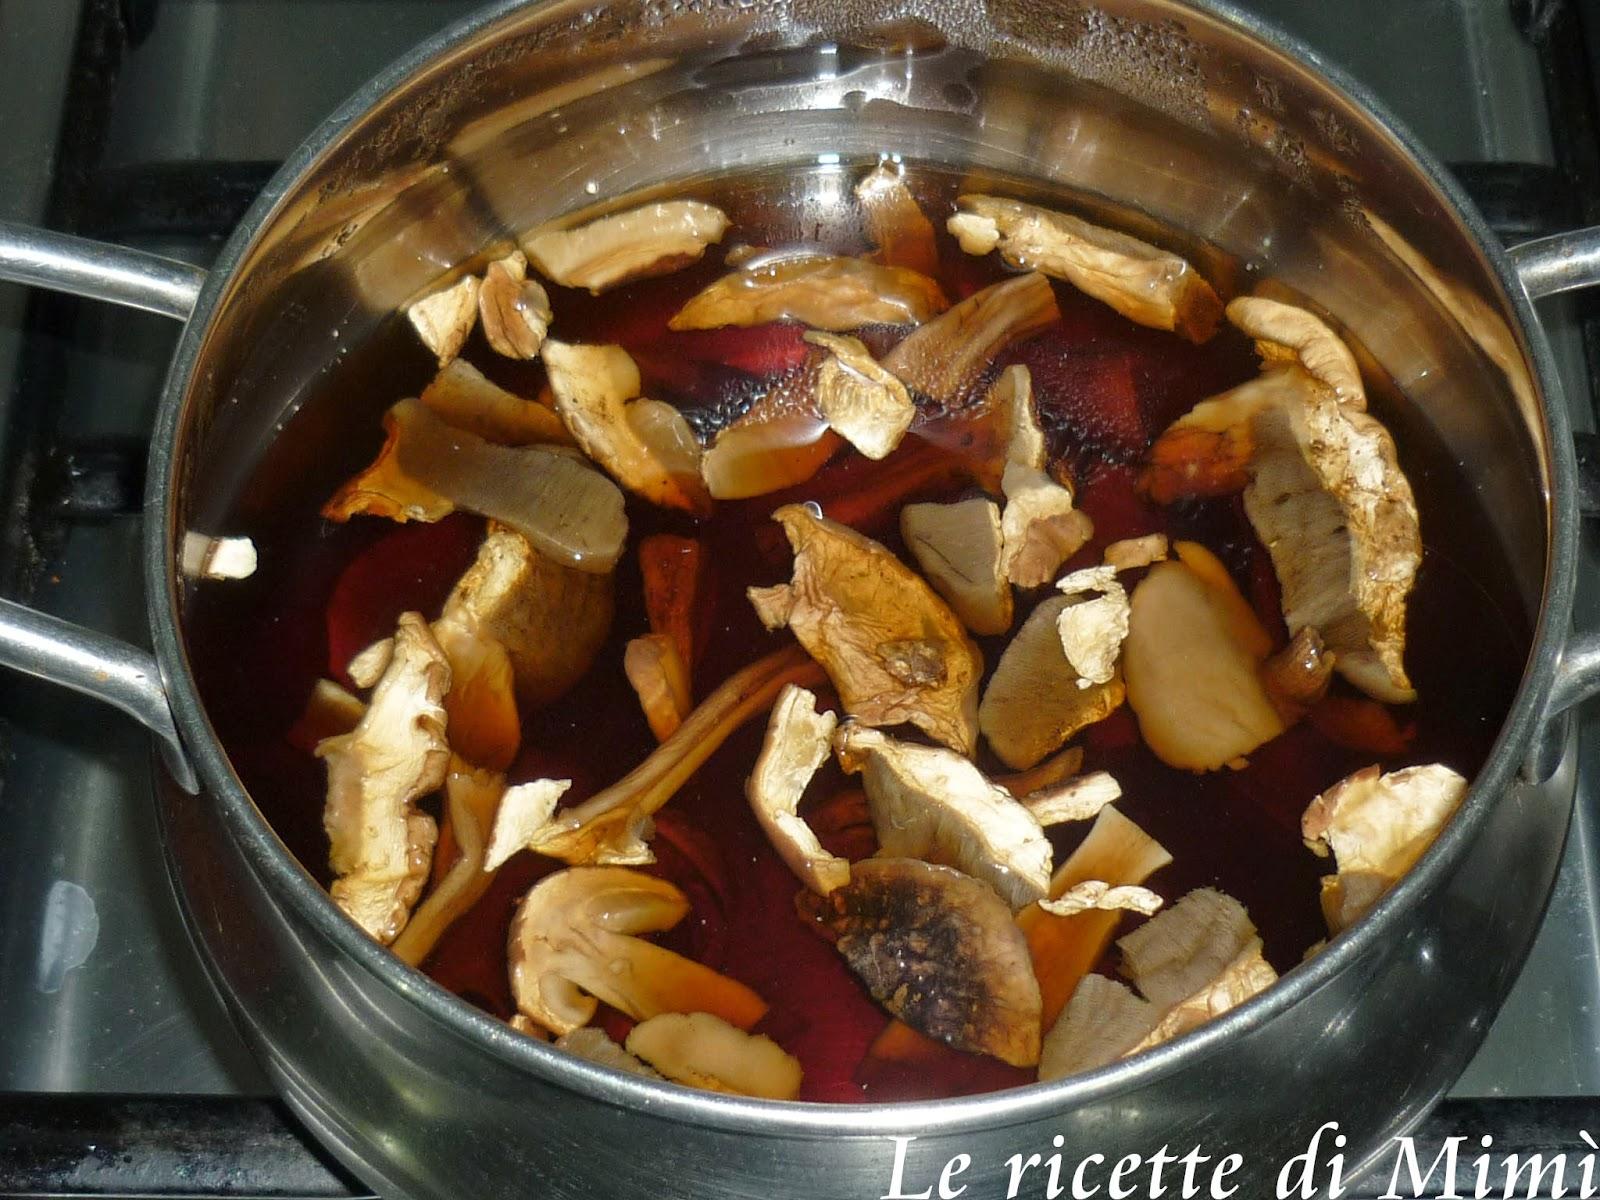 Le ricette di Mimì: Zuppa di fagioli borlotti e cereali misti con ...